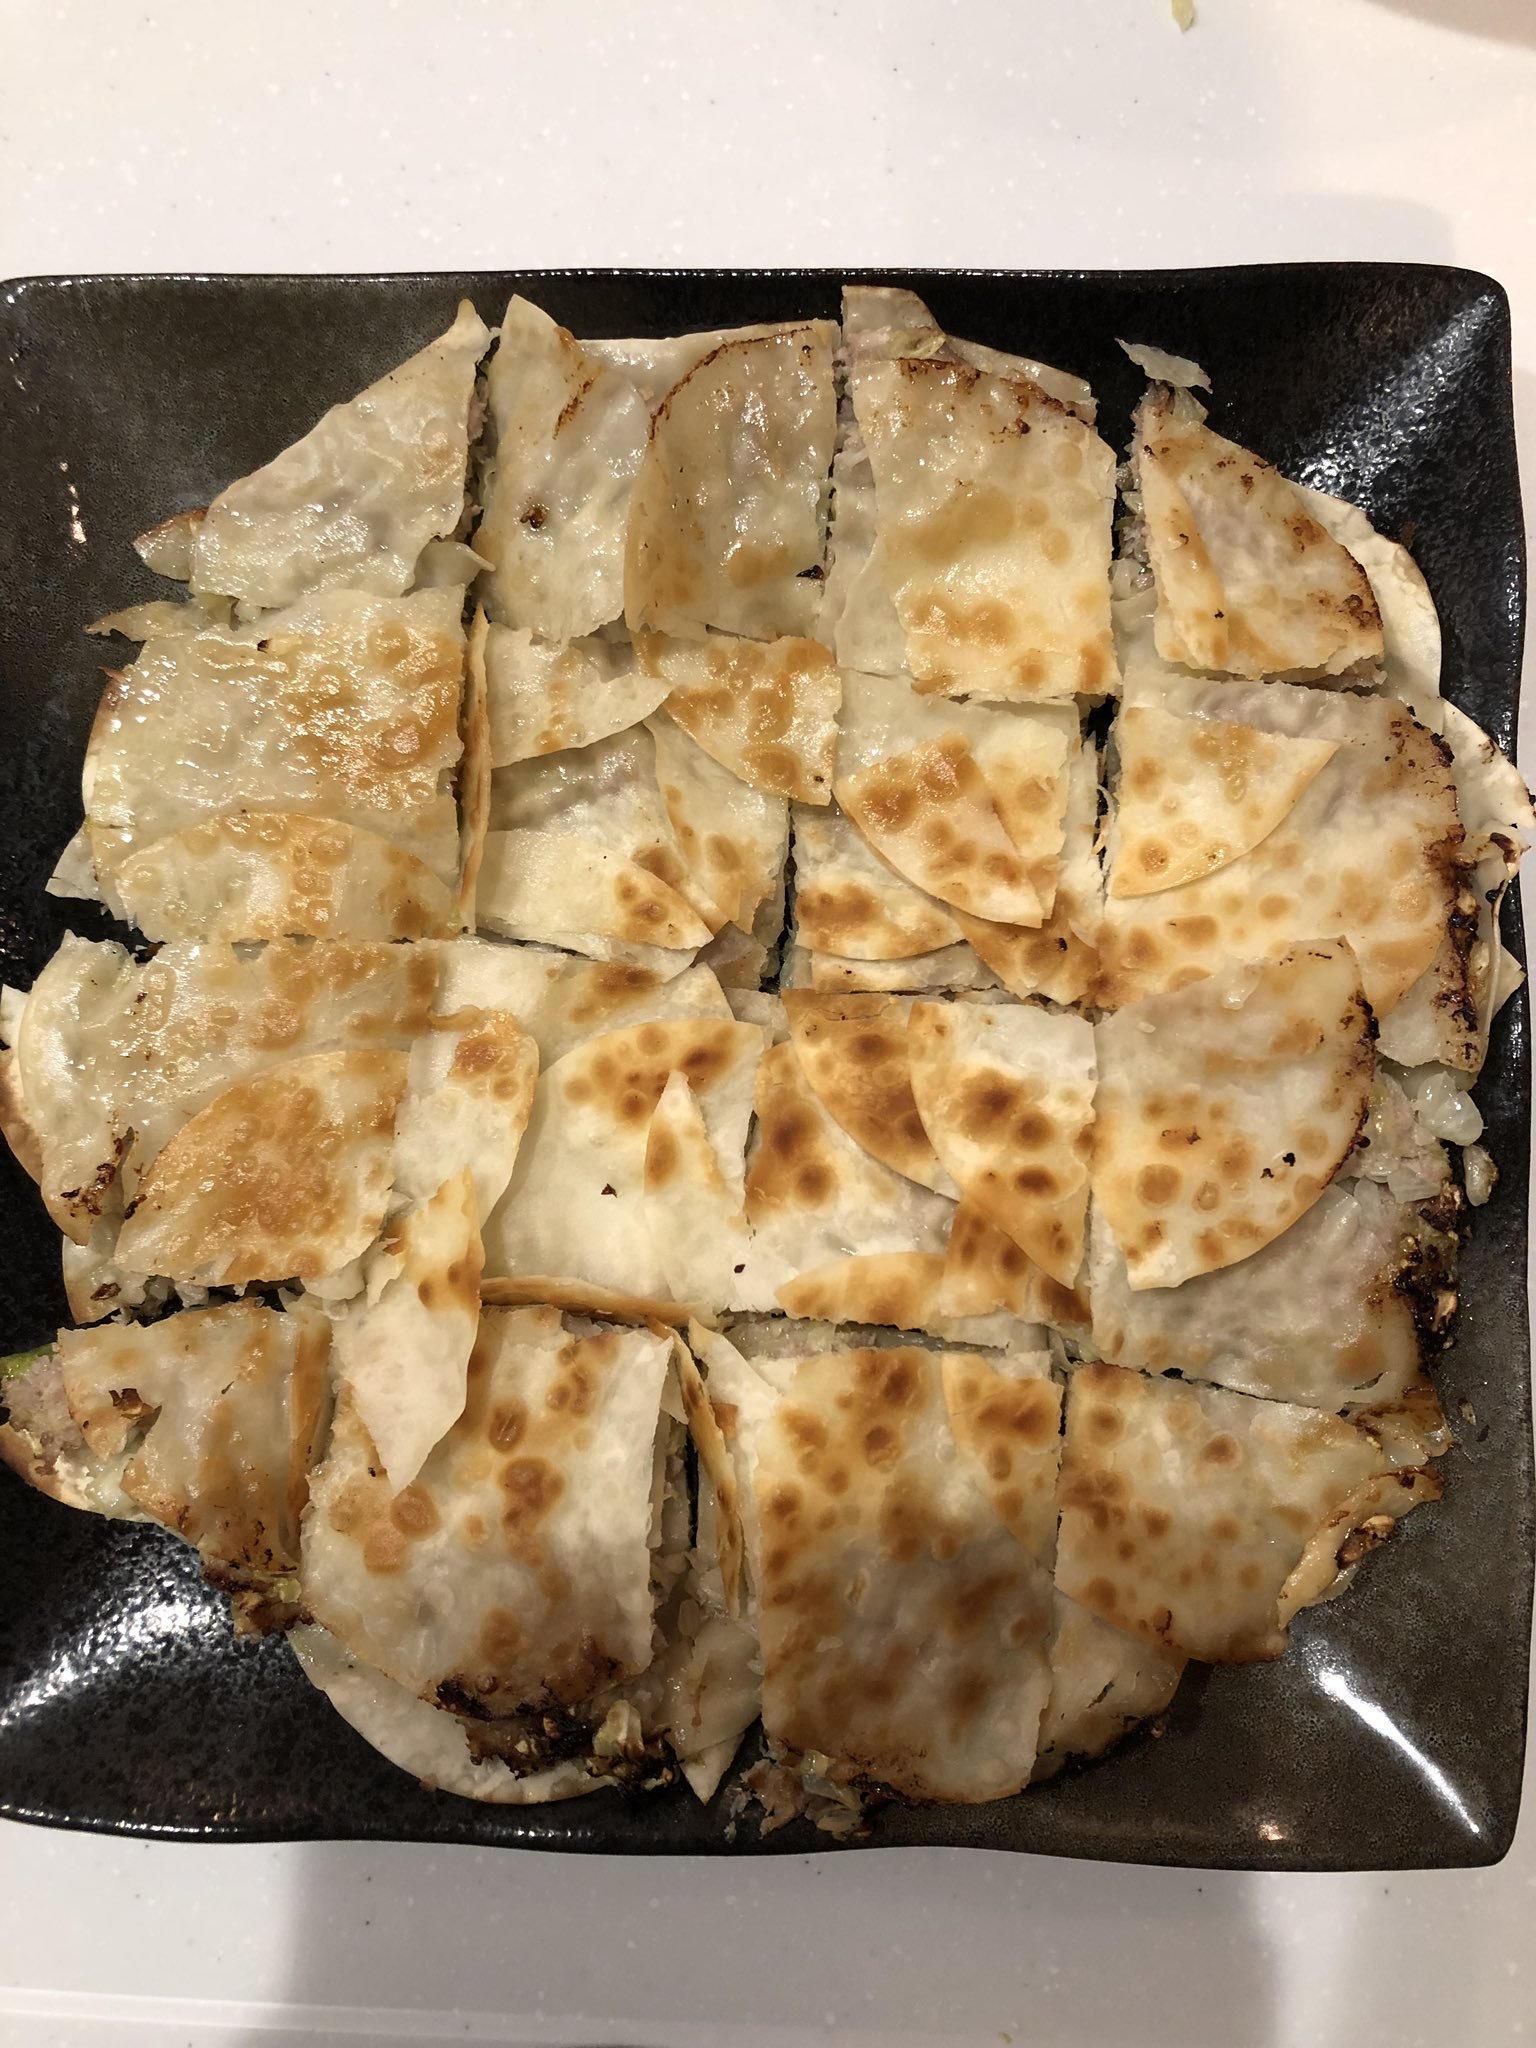 岛国一位推主表示,今天懒得包饺子了...也是一种新颖的办法 涨姿势 第4张